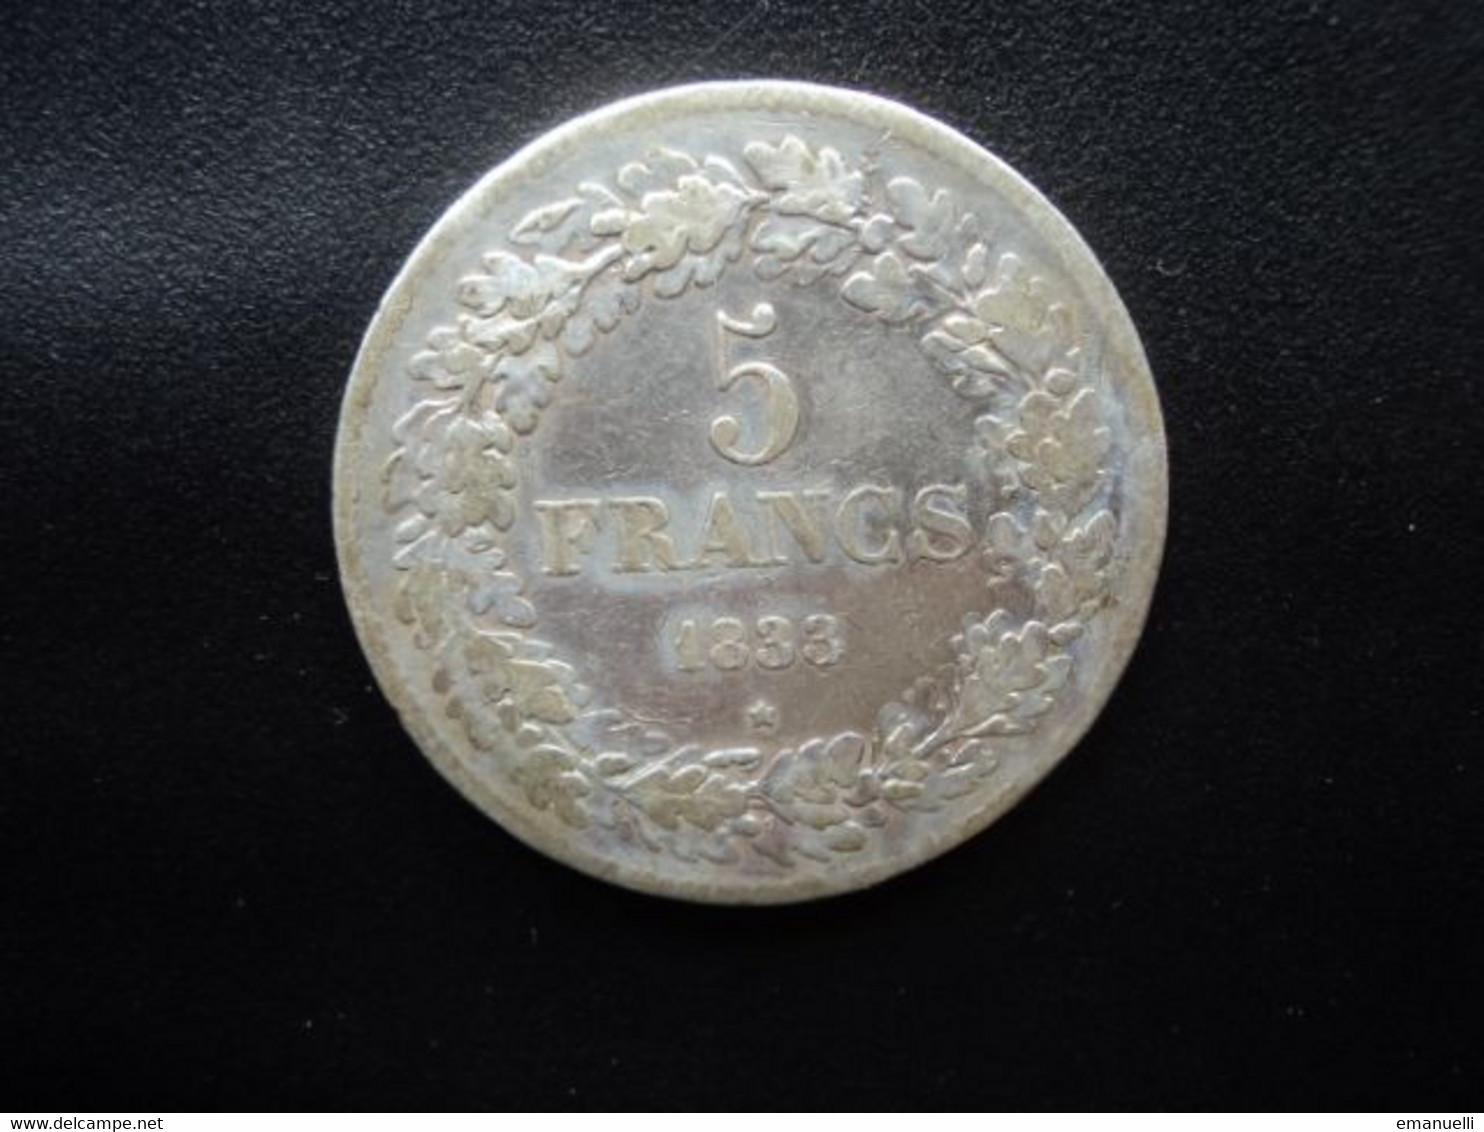 BELGIQUE * : 5 FRANCS   1833  Position A / Tranche B ***    CMB 8a ** / KM 3.1    TTB - 11. 5 Francs